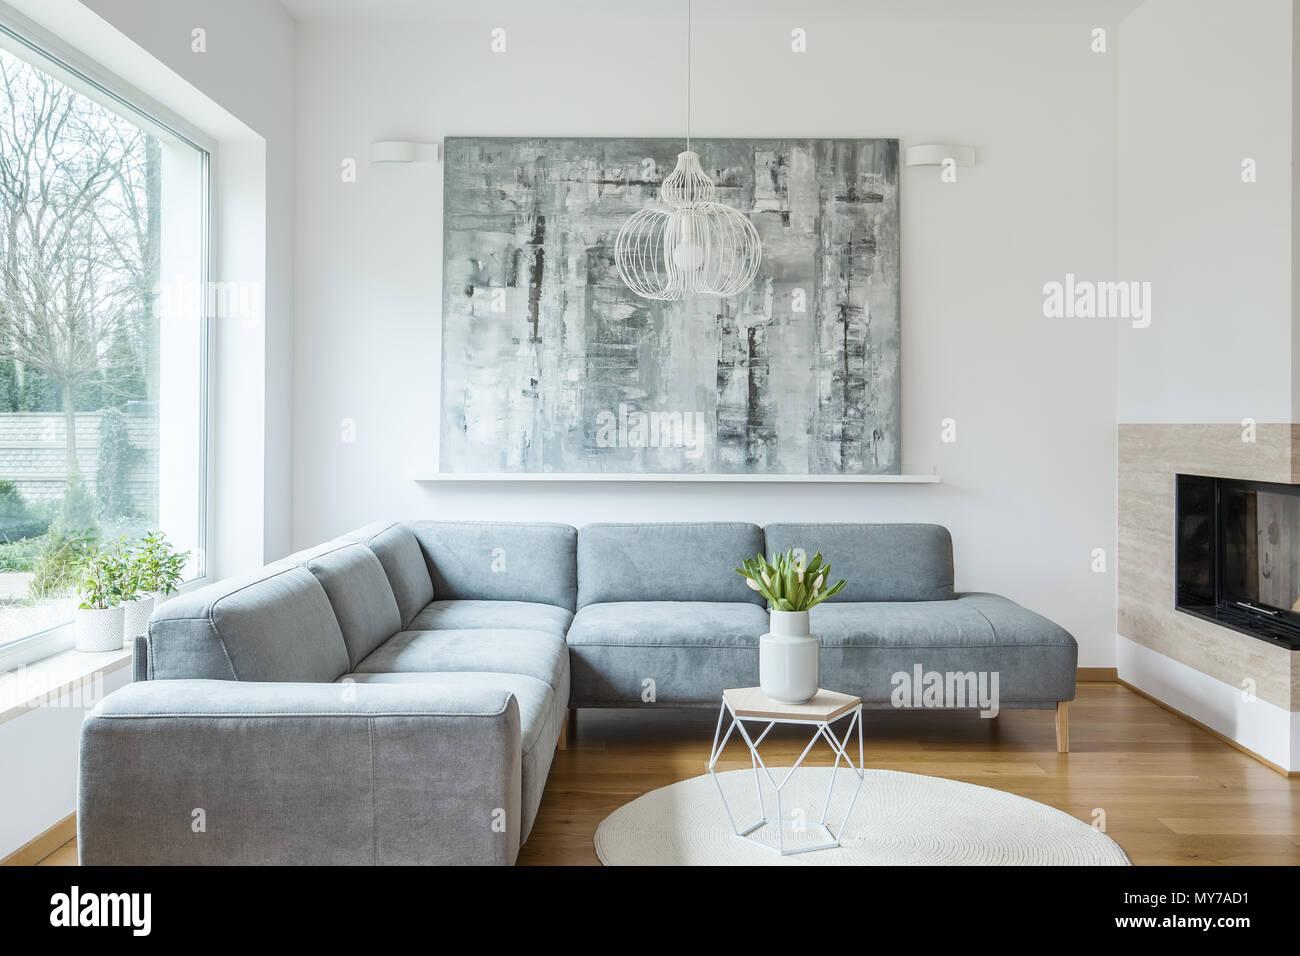 Charmant Graue Ecke Sofa Gegen Weiße Wand Mit Malerei In Minimalen Wohnzimmer  Innenraum Mit Fenster